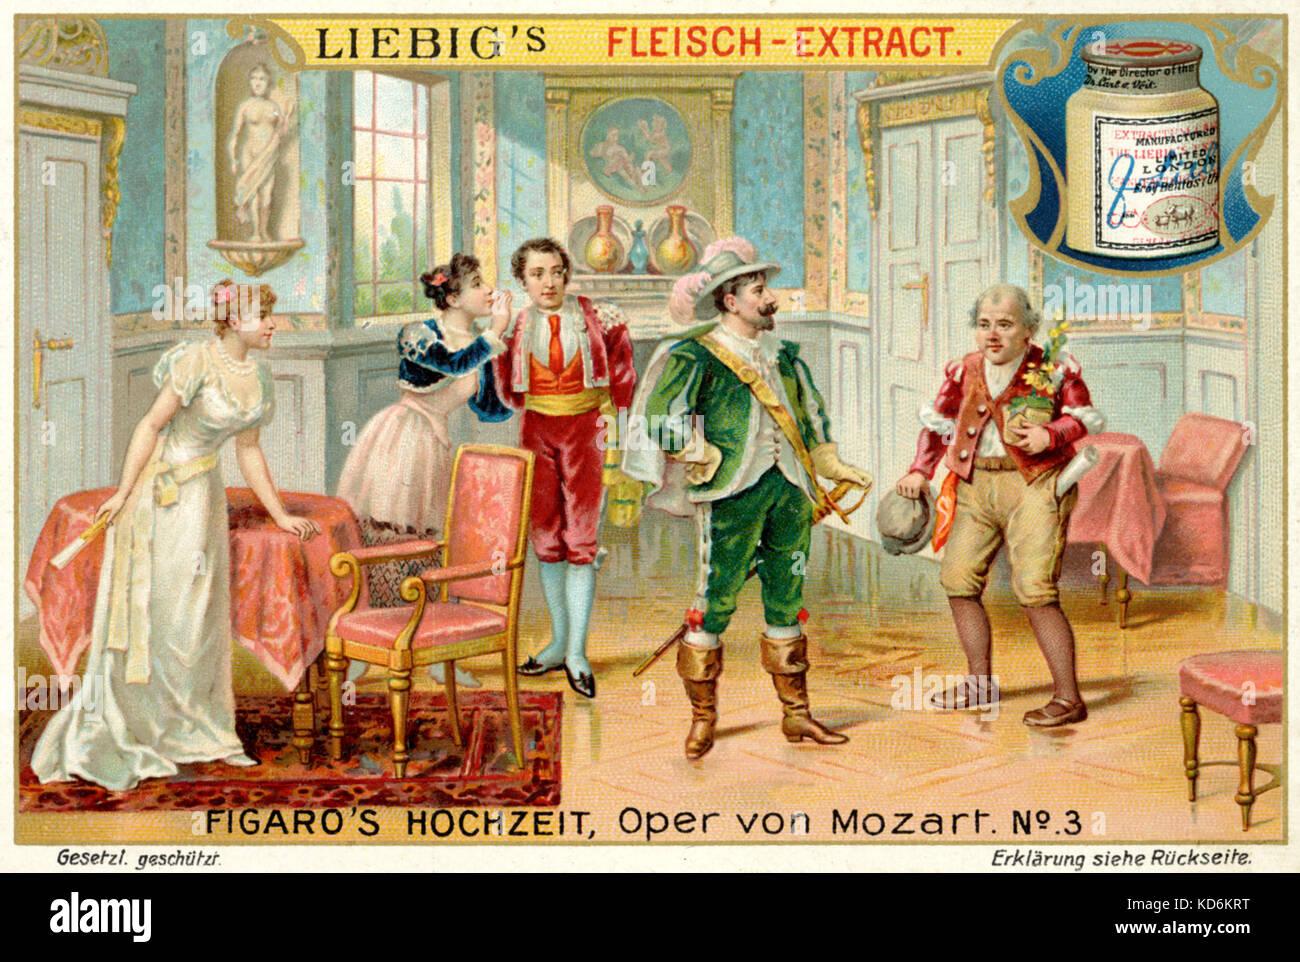 Wolfgang Amadeus Mozarts Oper Die Hochzeit Des Figaro Le Nozze Di Figaro Illustration Zu Act Ii Graf Und Grafin Almavira Figaro Und Susanna Betrunkene Gartner Antonio Libretto Lorenzo Da Ponte Nach